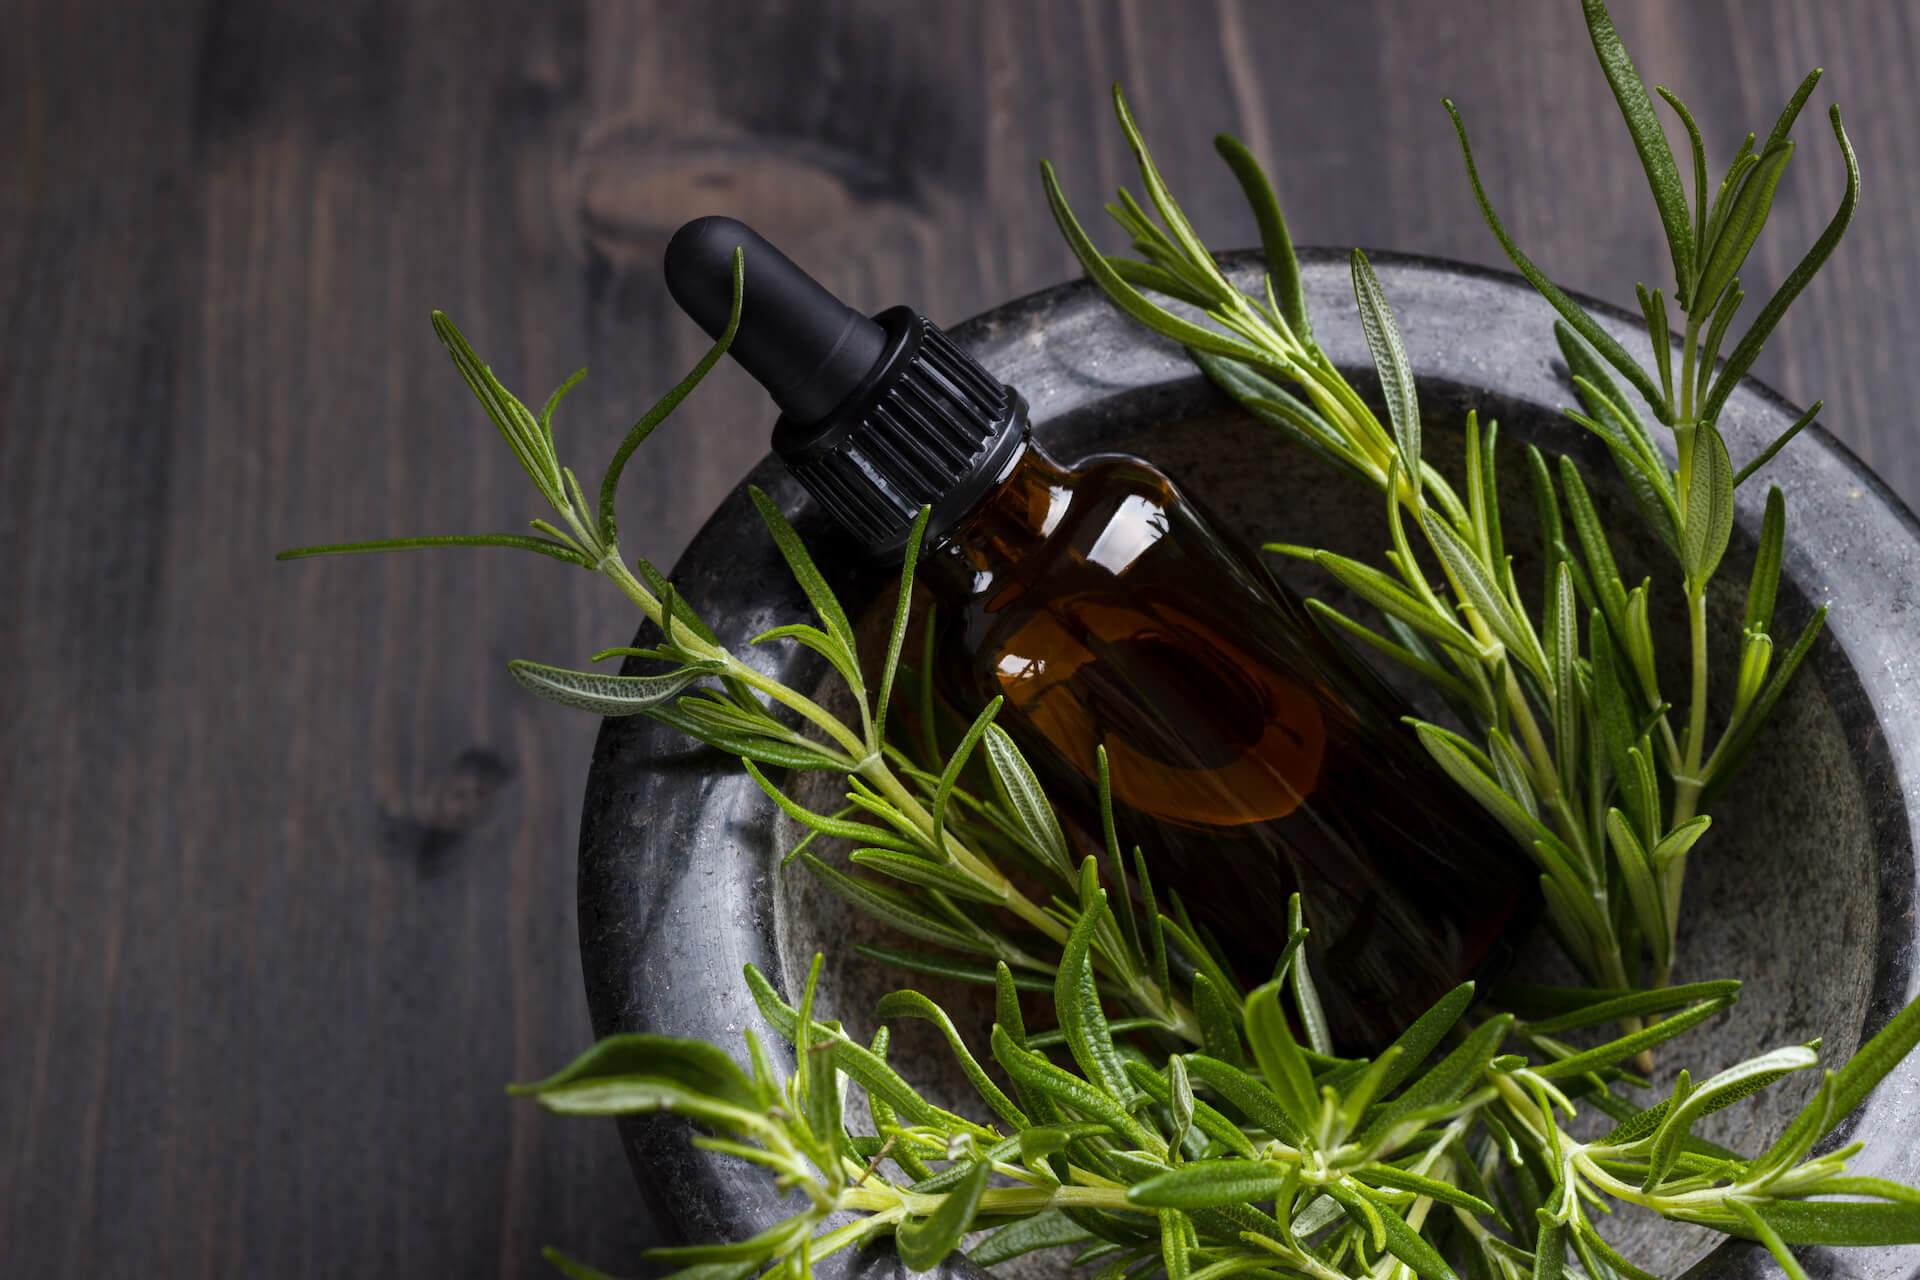 Fitosalus centar, prirodno liječenje, fitoterapija, aromaterapija, eterično ulje